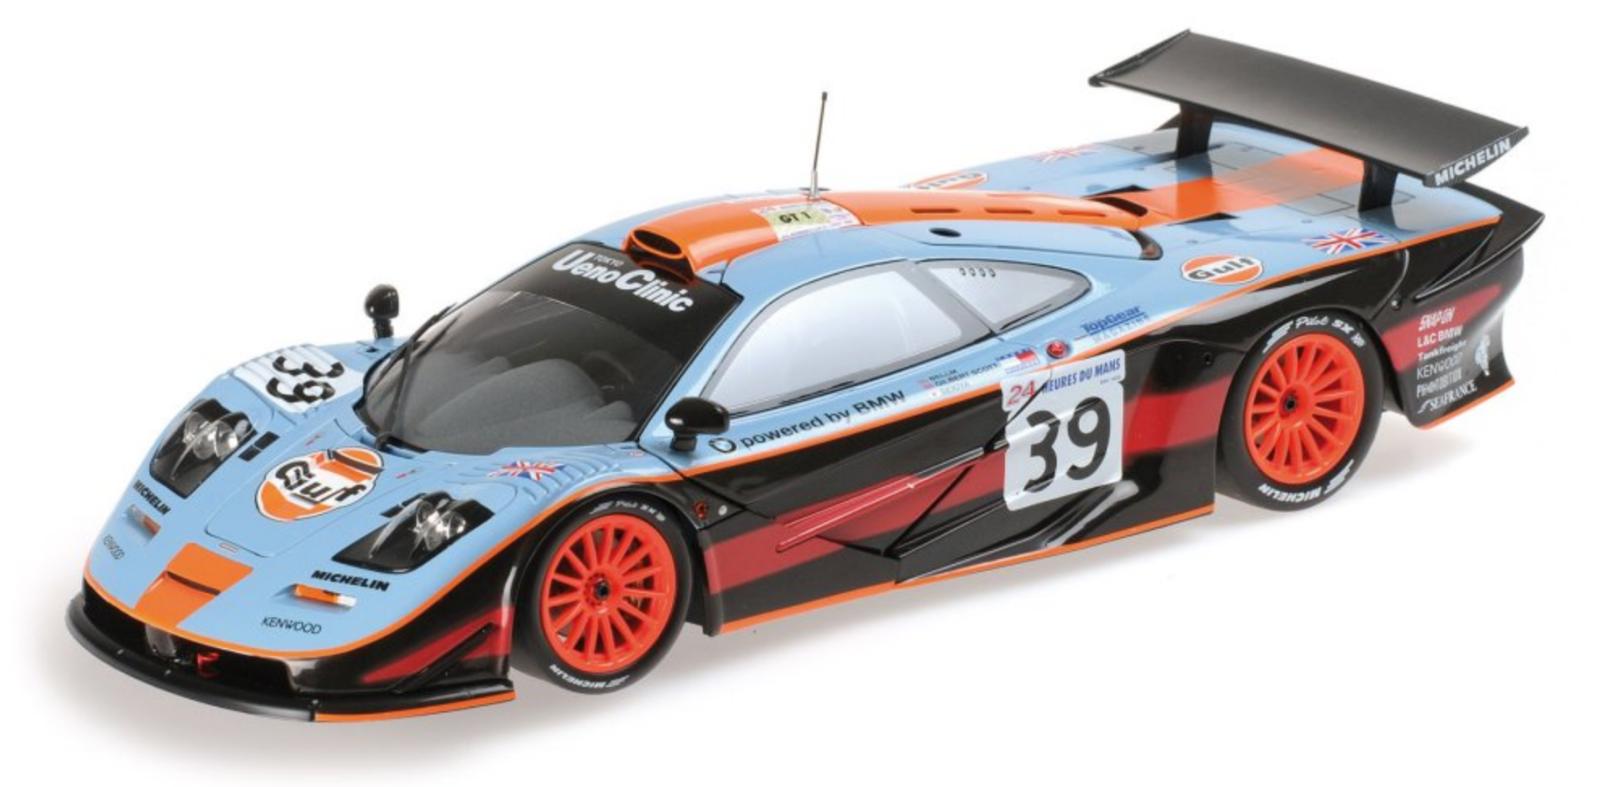 1 18 McLaren F1 GTR n°39 Le Mans 1997 1 18 • Minichamps 530133739